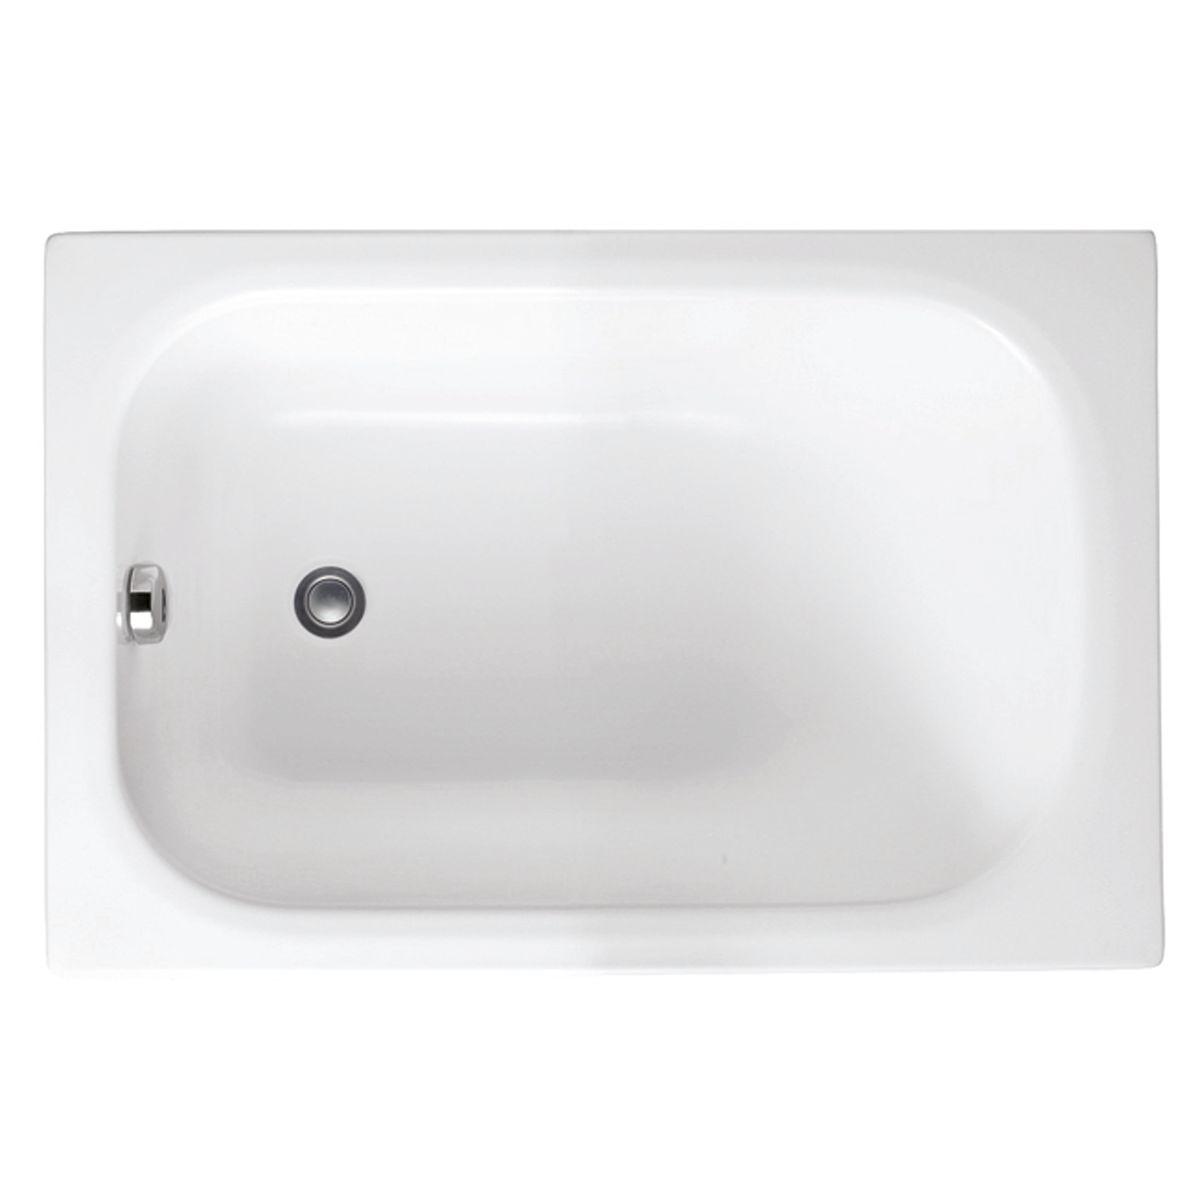 Vasca Mini 105 x 70 cm prezzi e offerte online